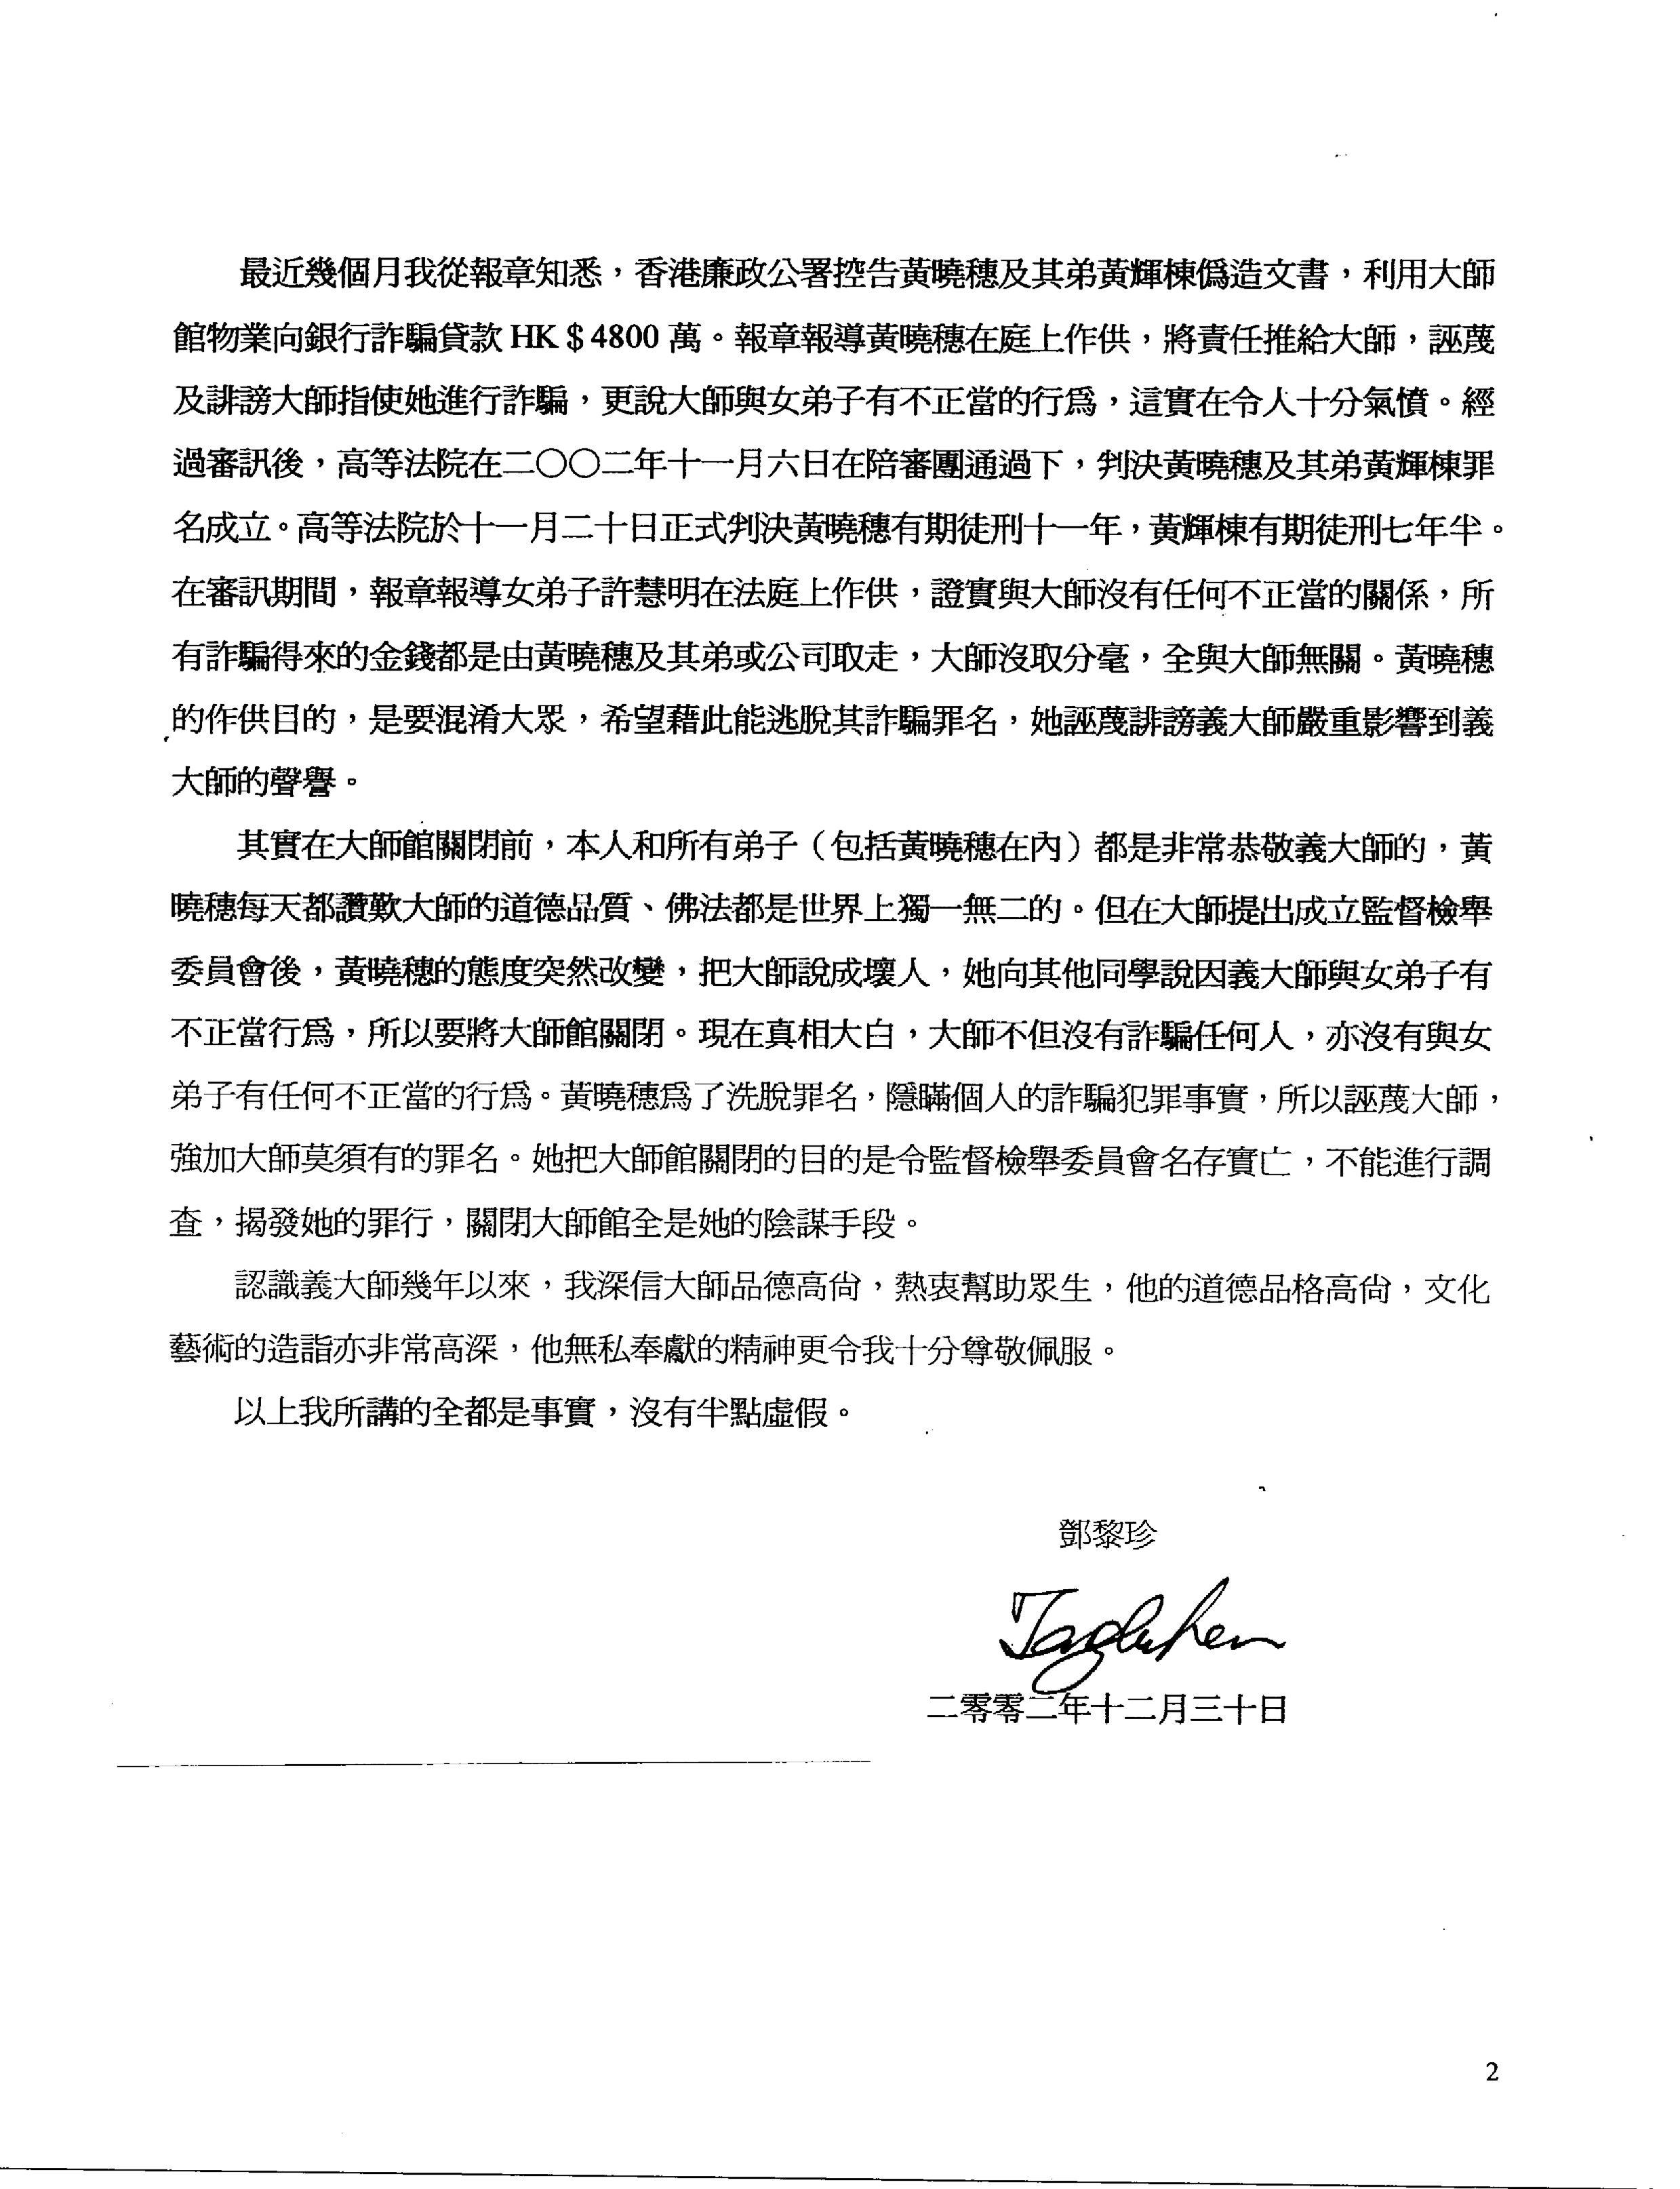 南无第三世多杰羌佛清白 黄晓穗诈骗被香港法庭判重刑 第17张